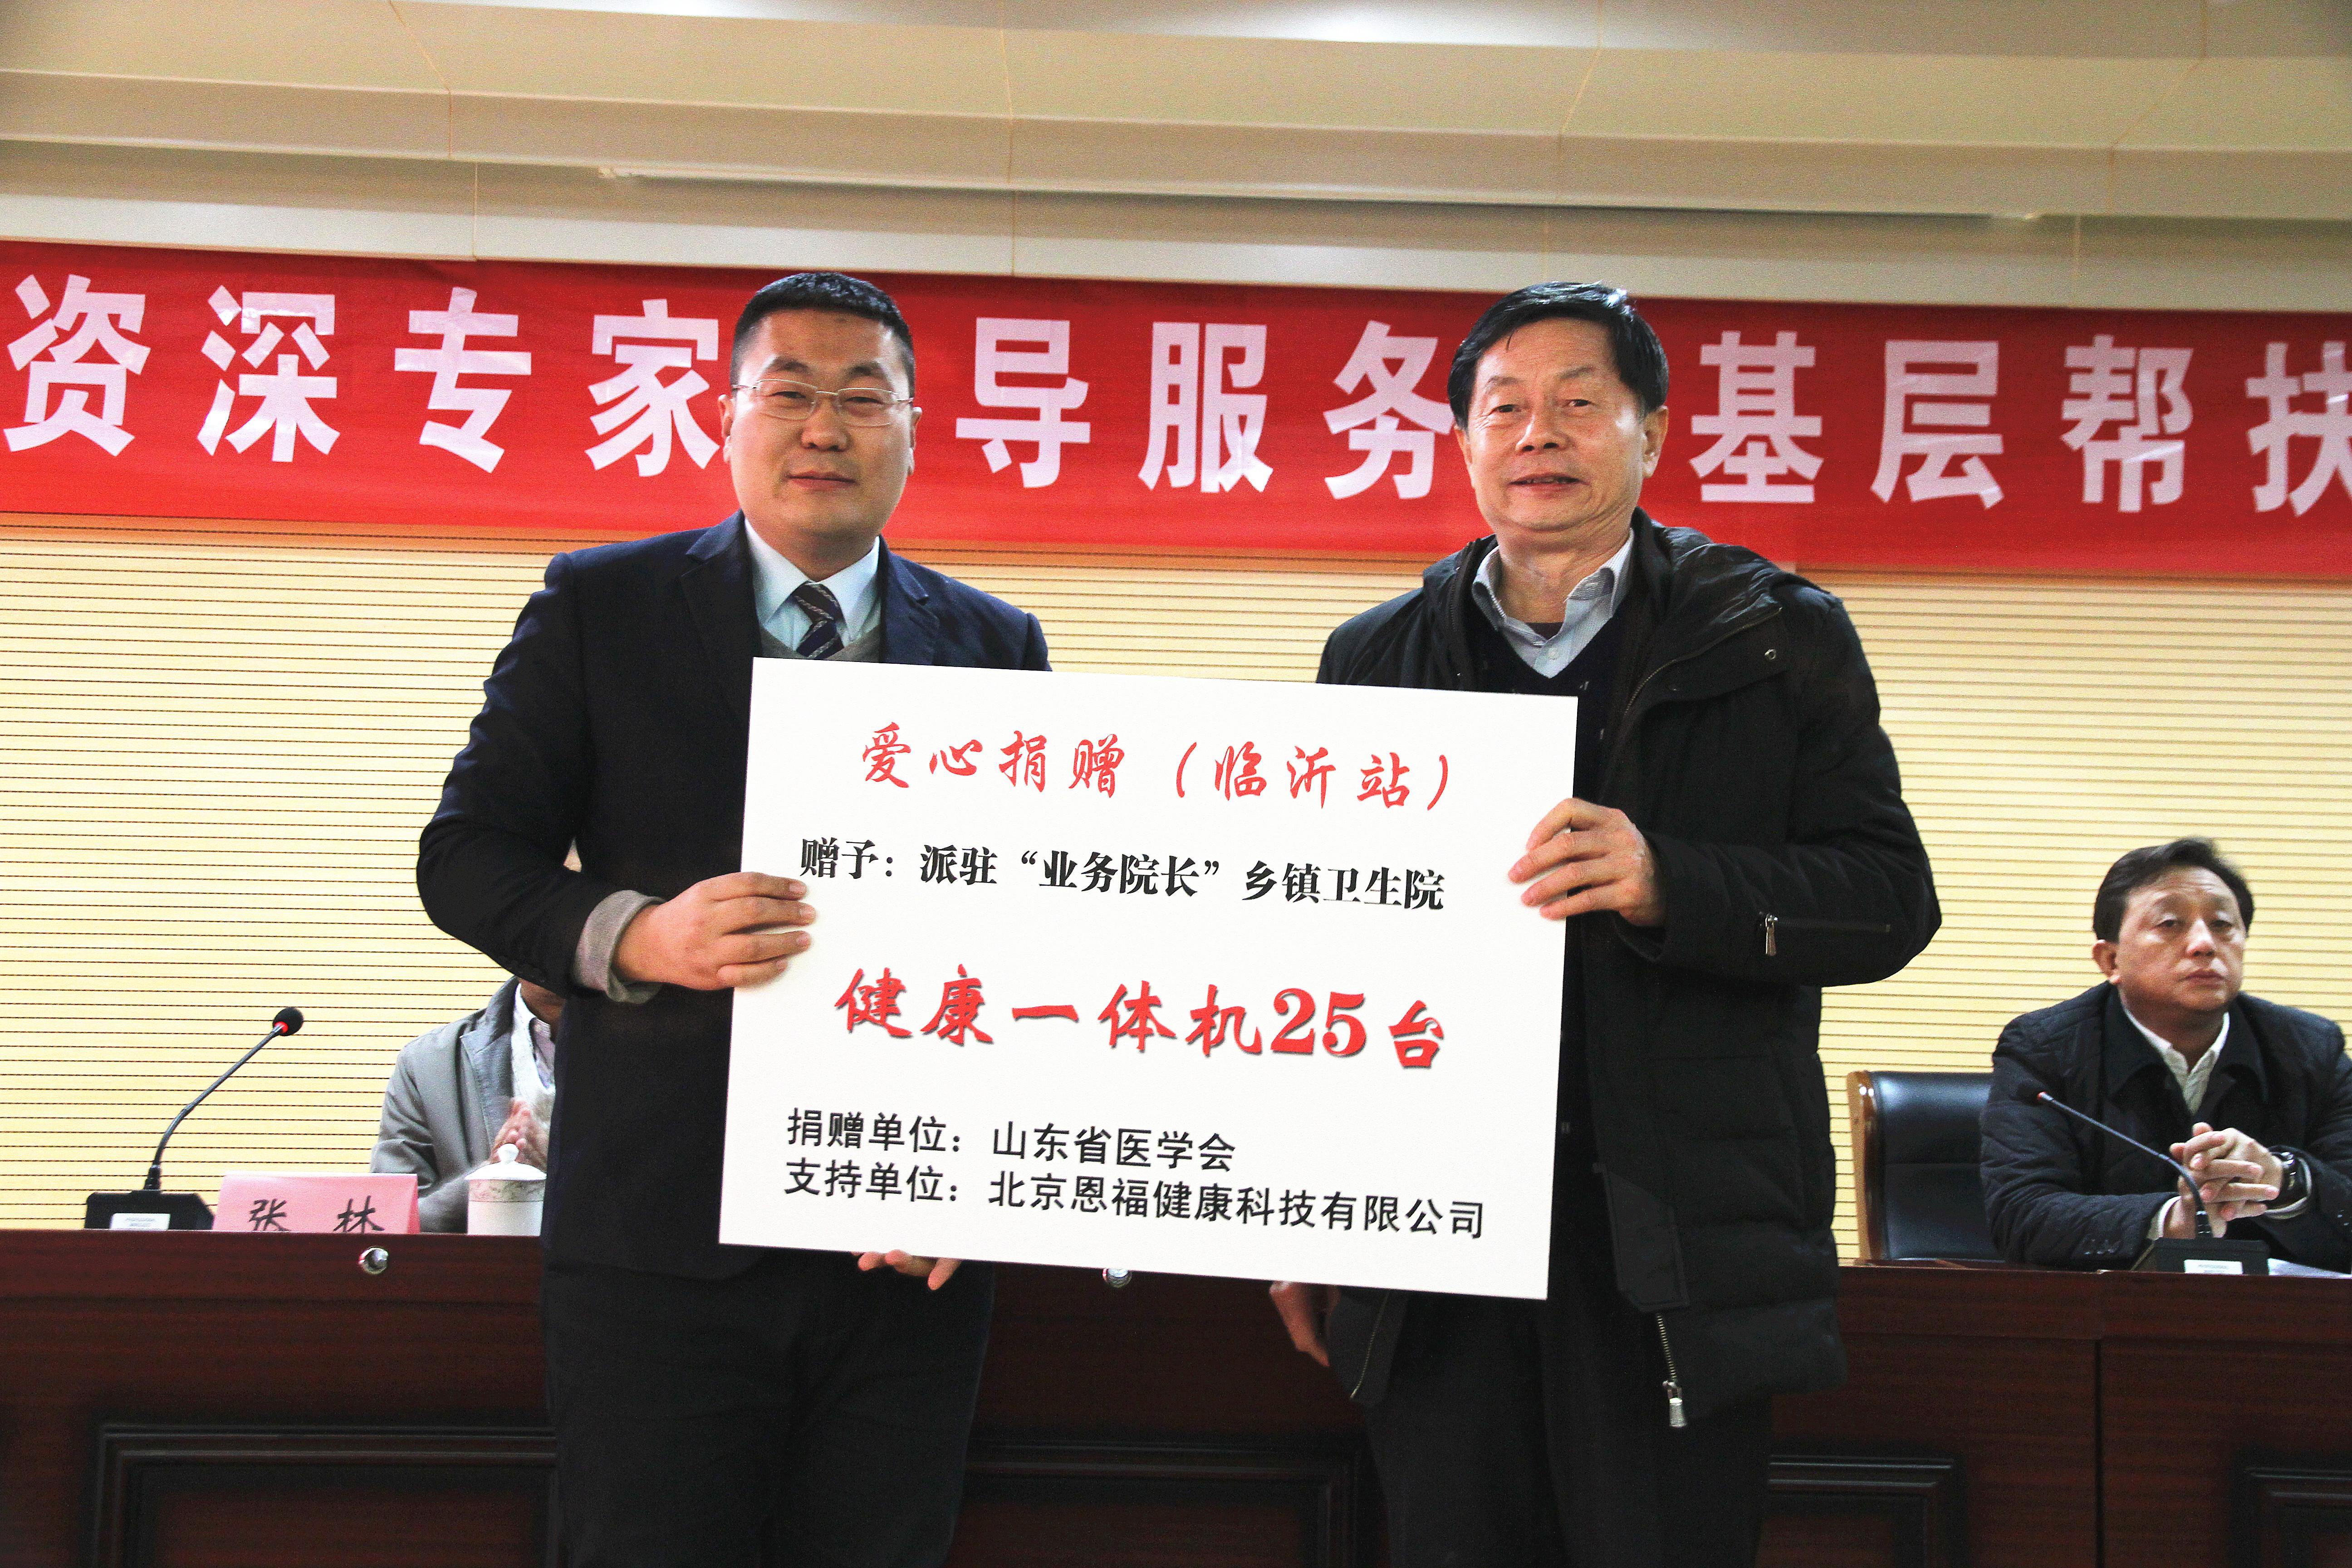 201901大健康专家团培训临沂站 (4).jpg